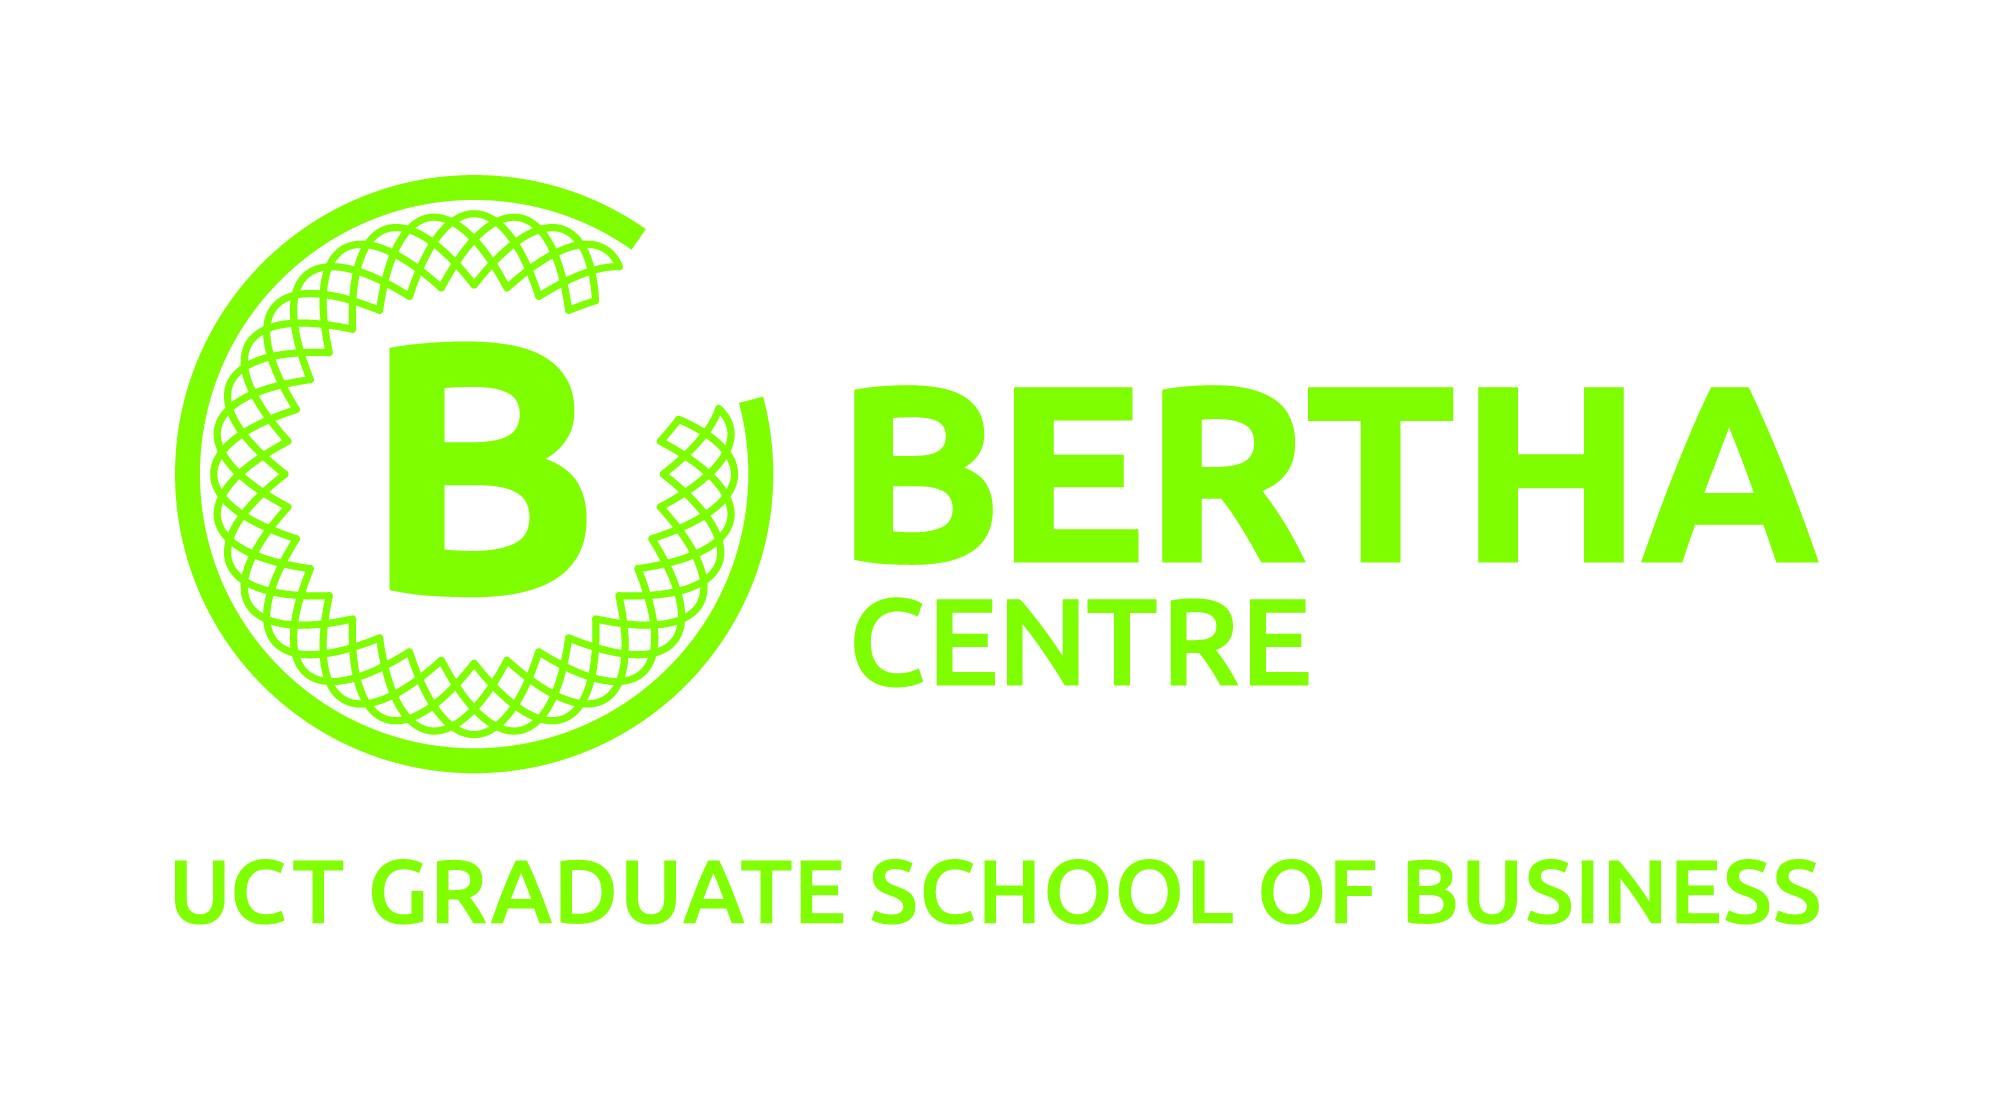 investing impact partner - Bertha Centre for Social Innovation and Entrepreneurship